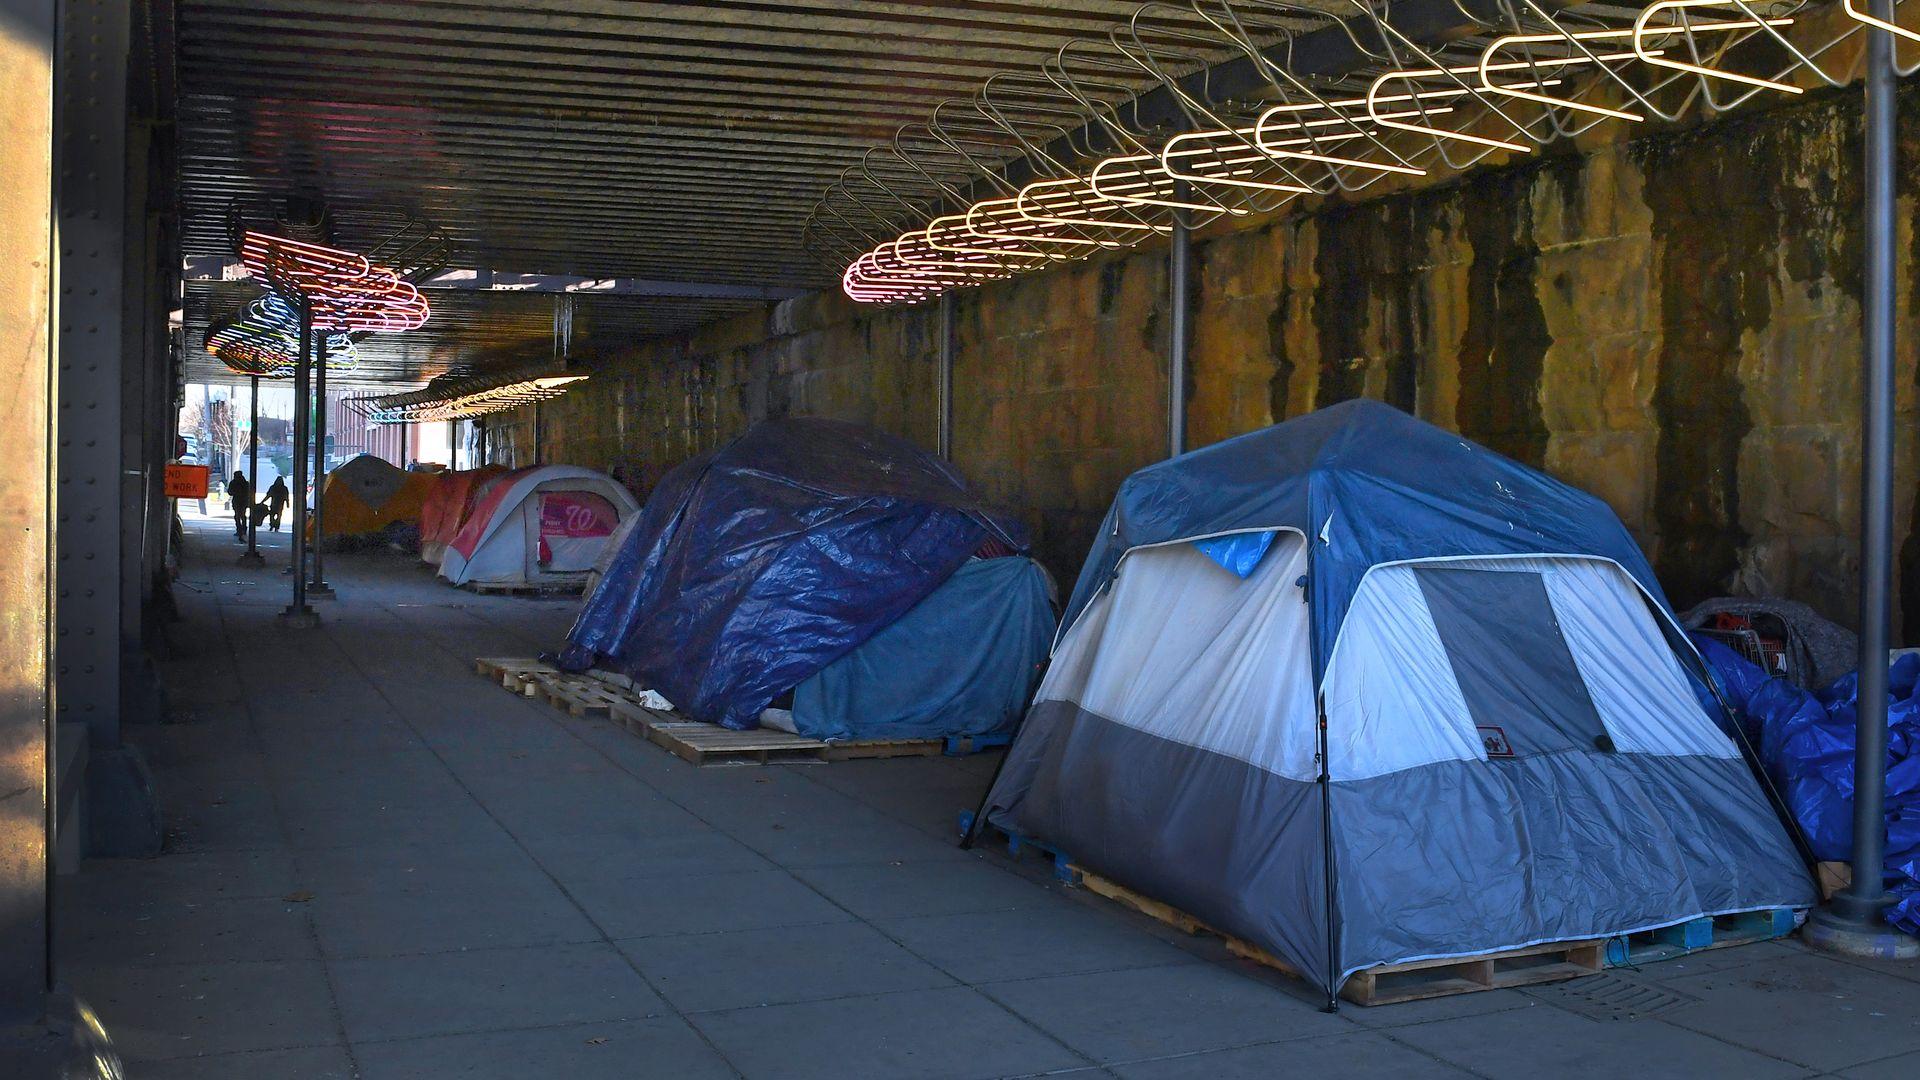 A homeless encampment in Washington, D.C.